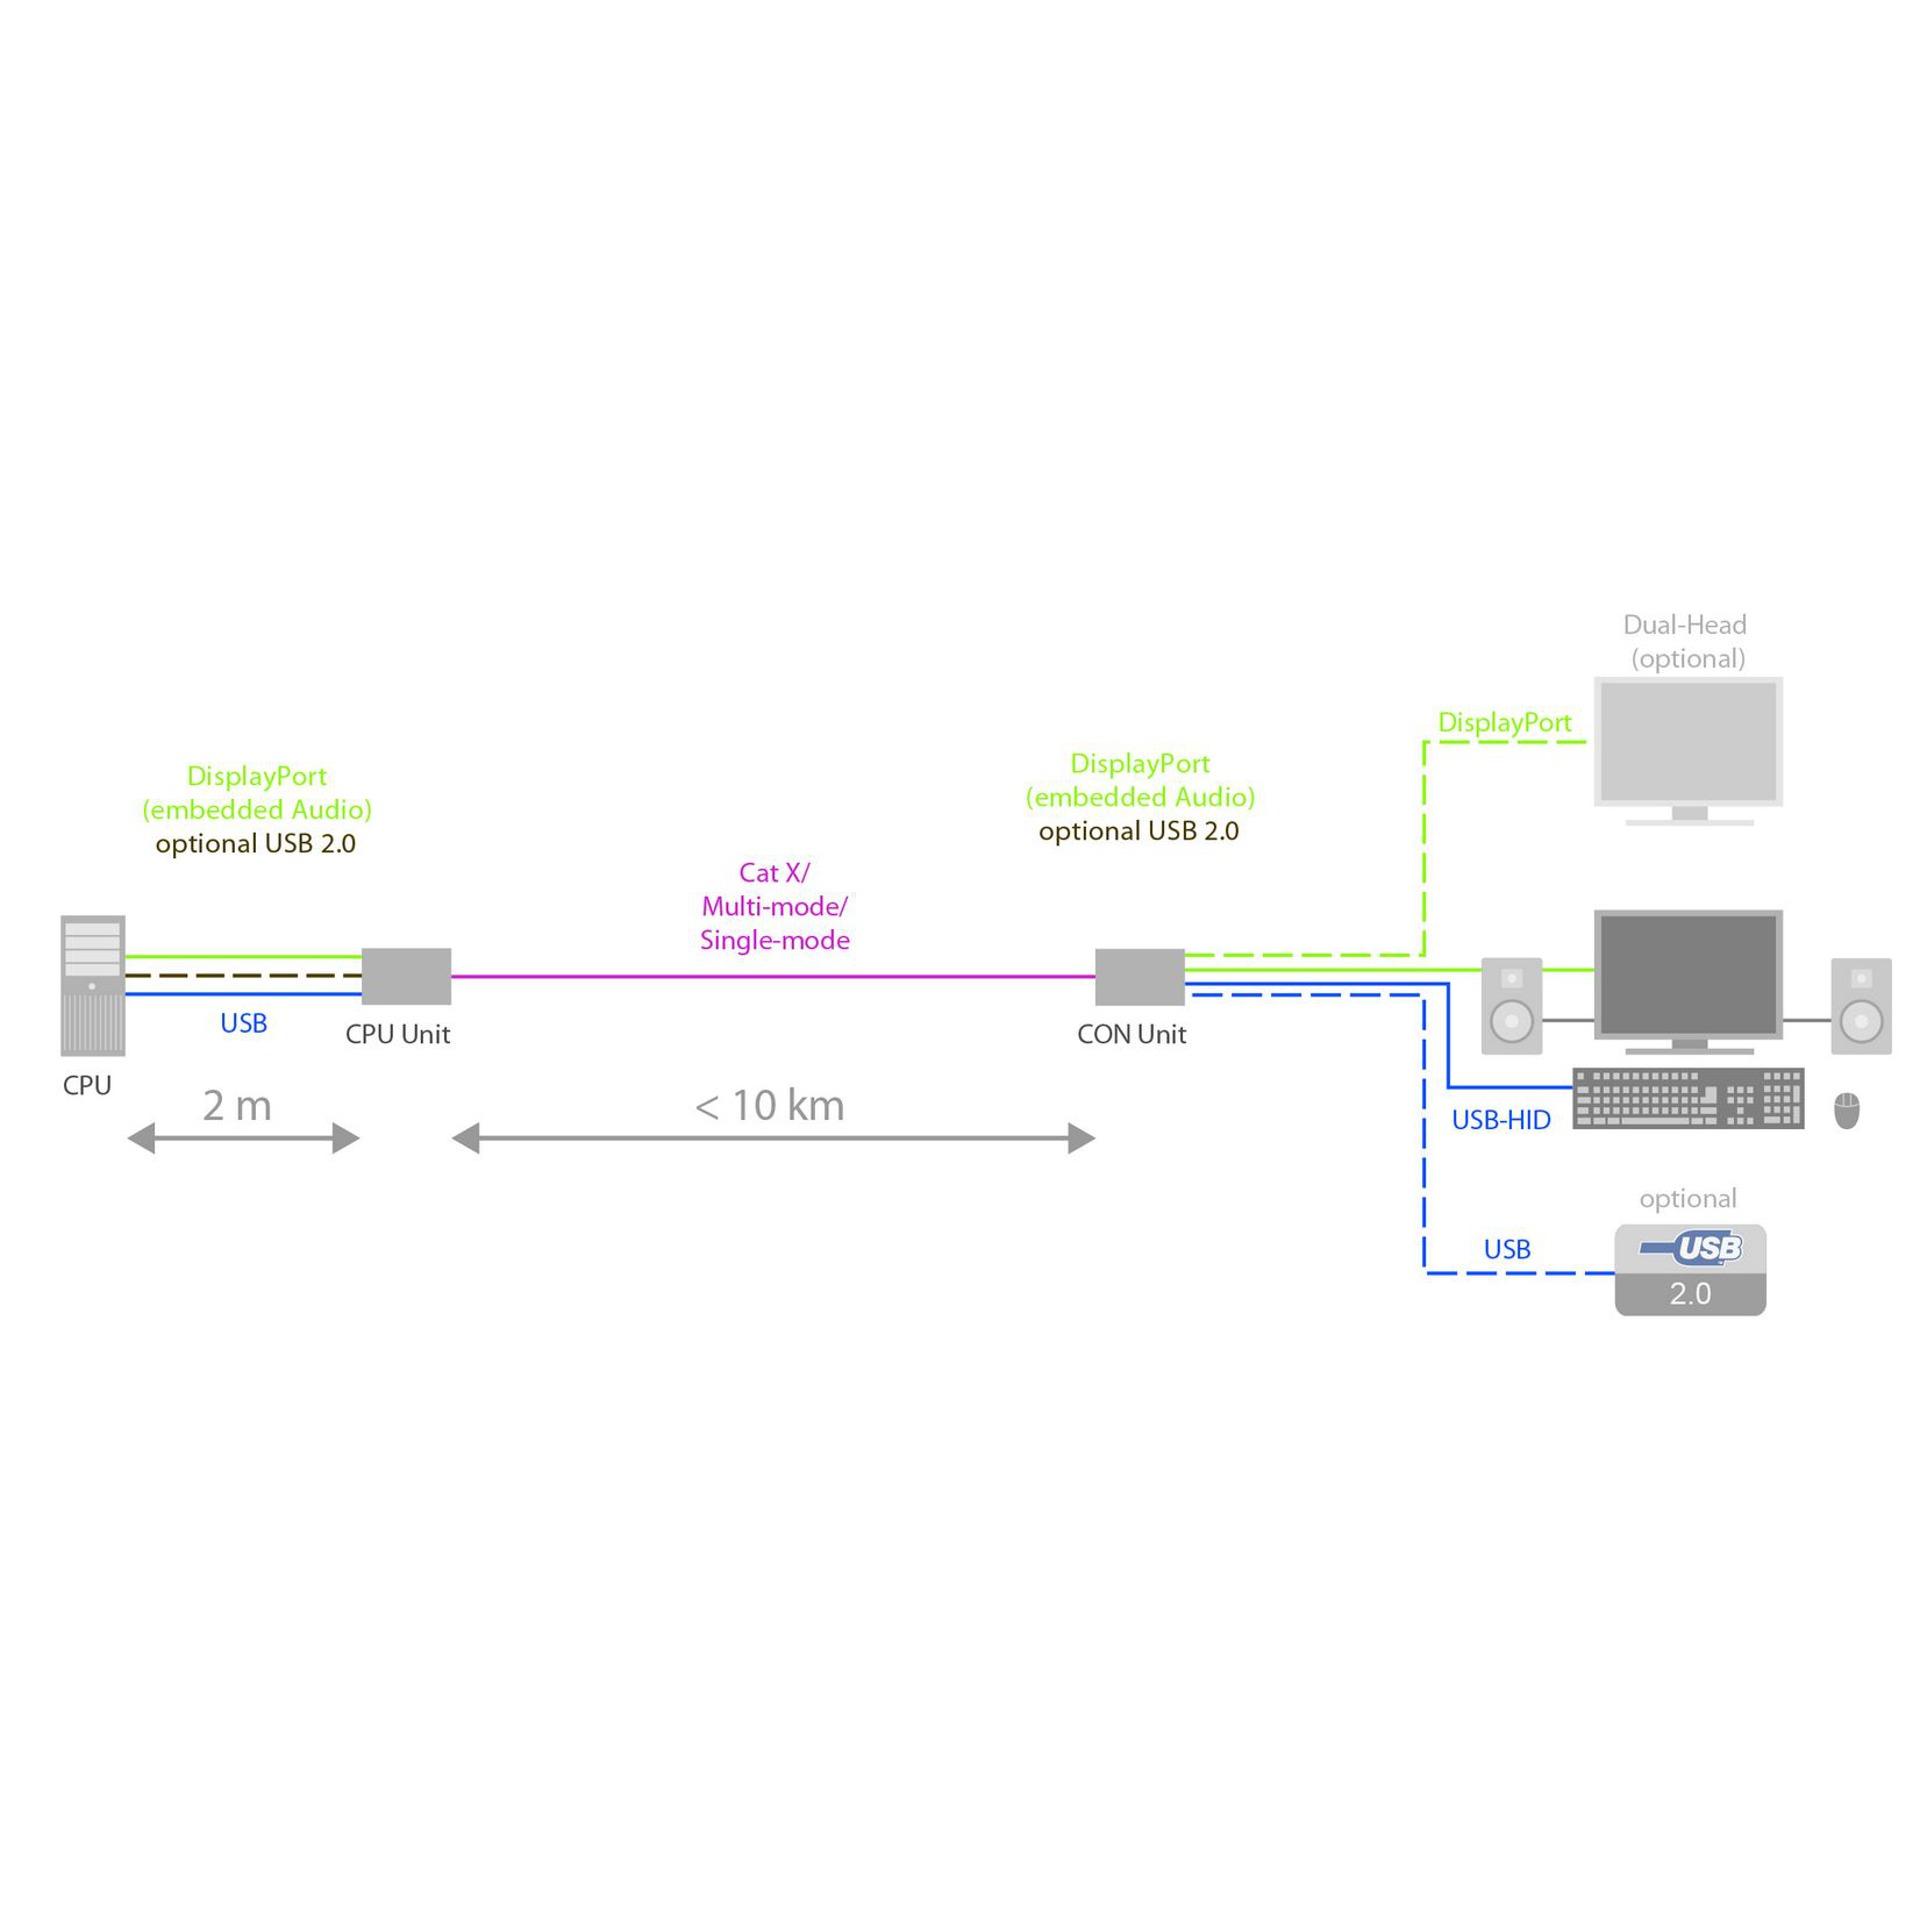 Fantastisch Cpu Verbindungen Diagramm Bilder - Elektrische ...